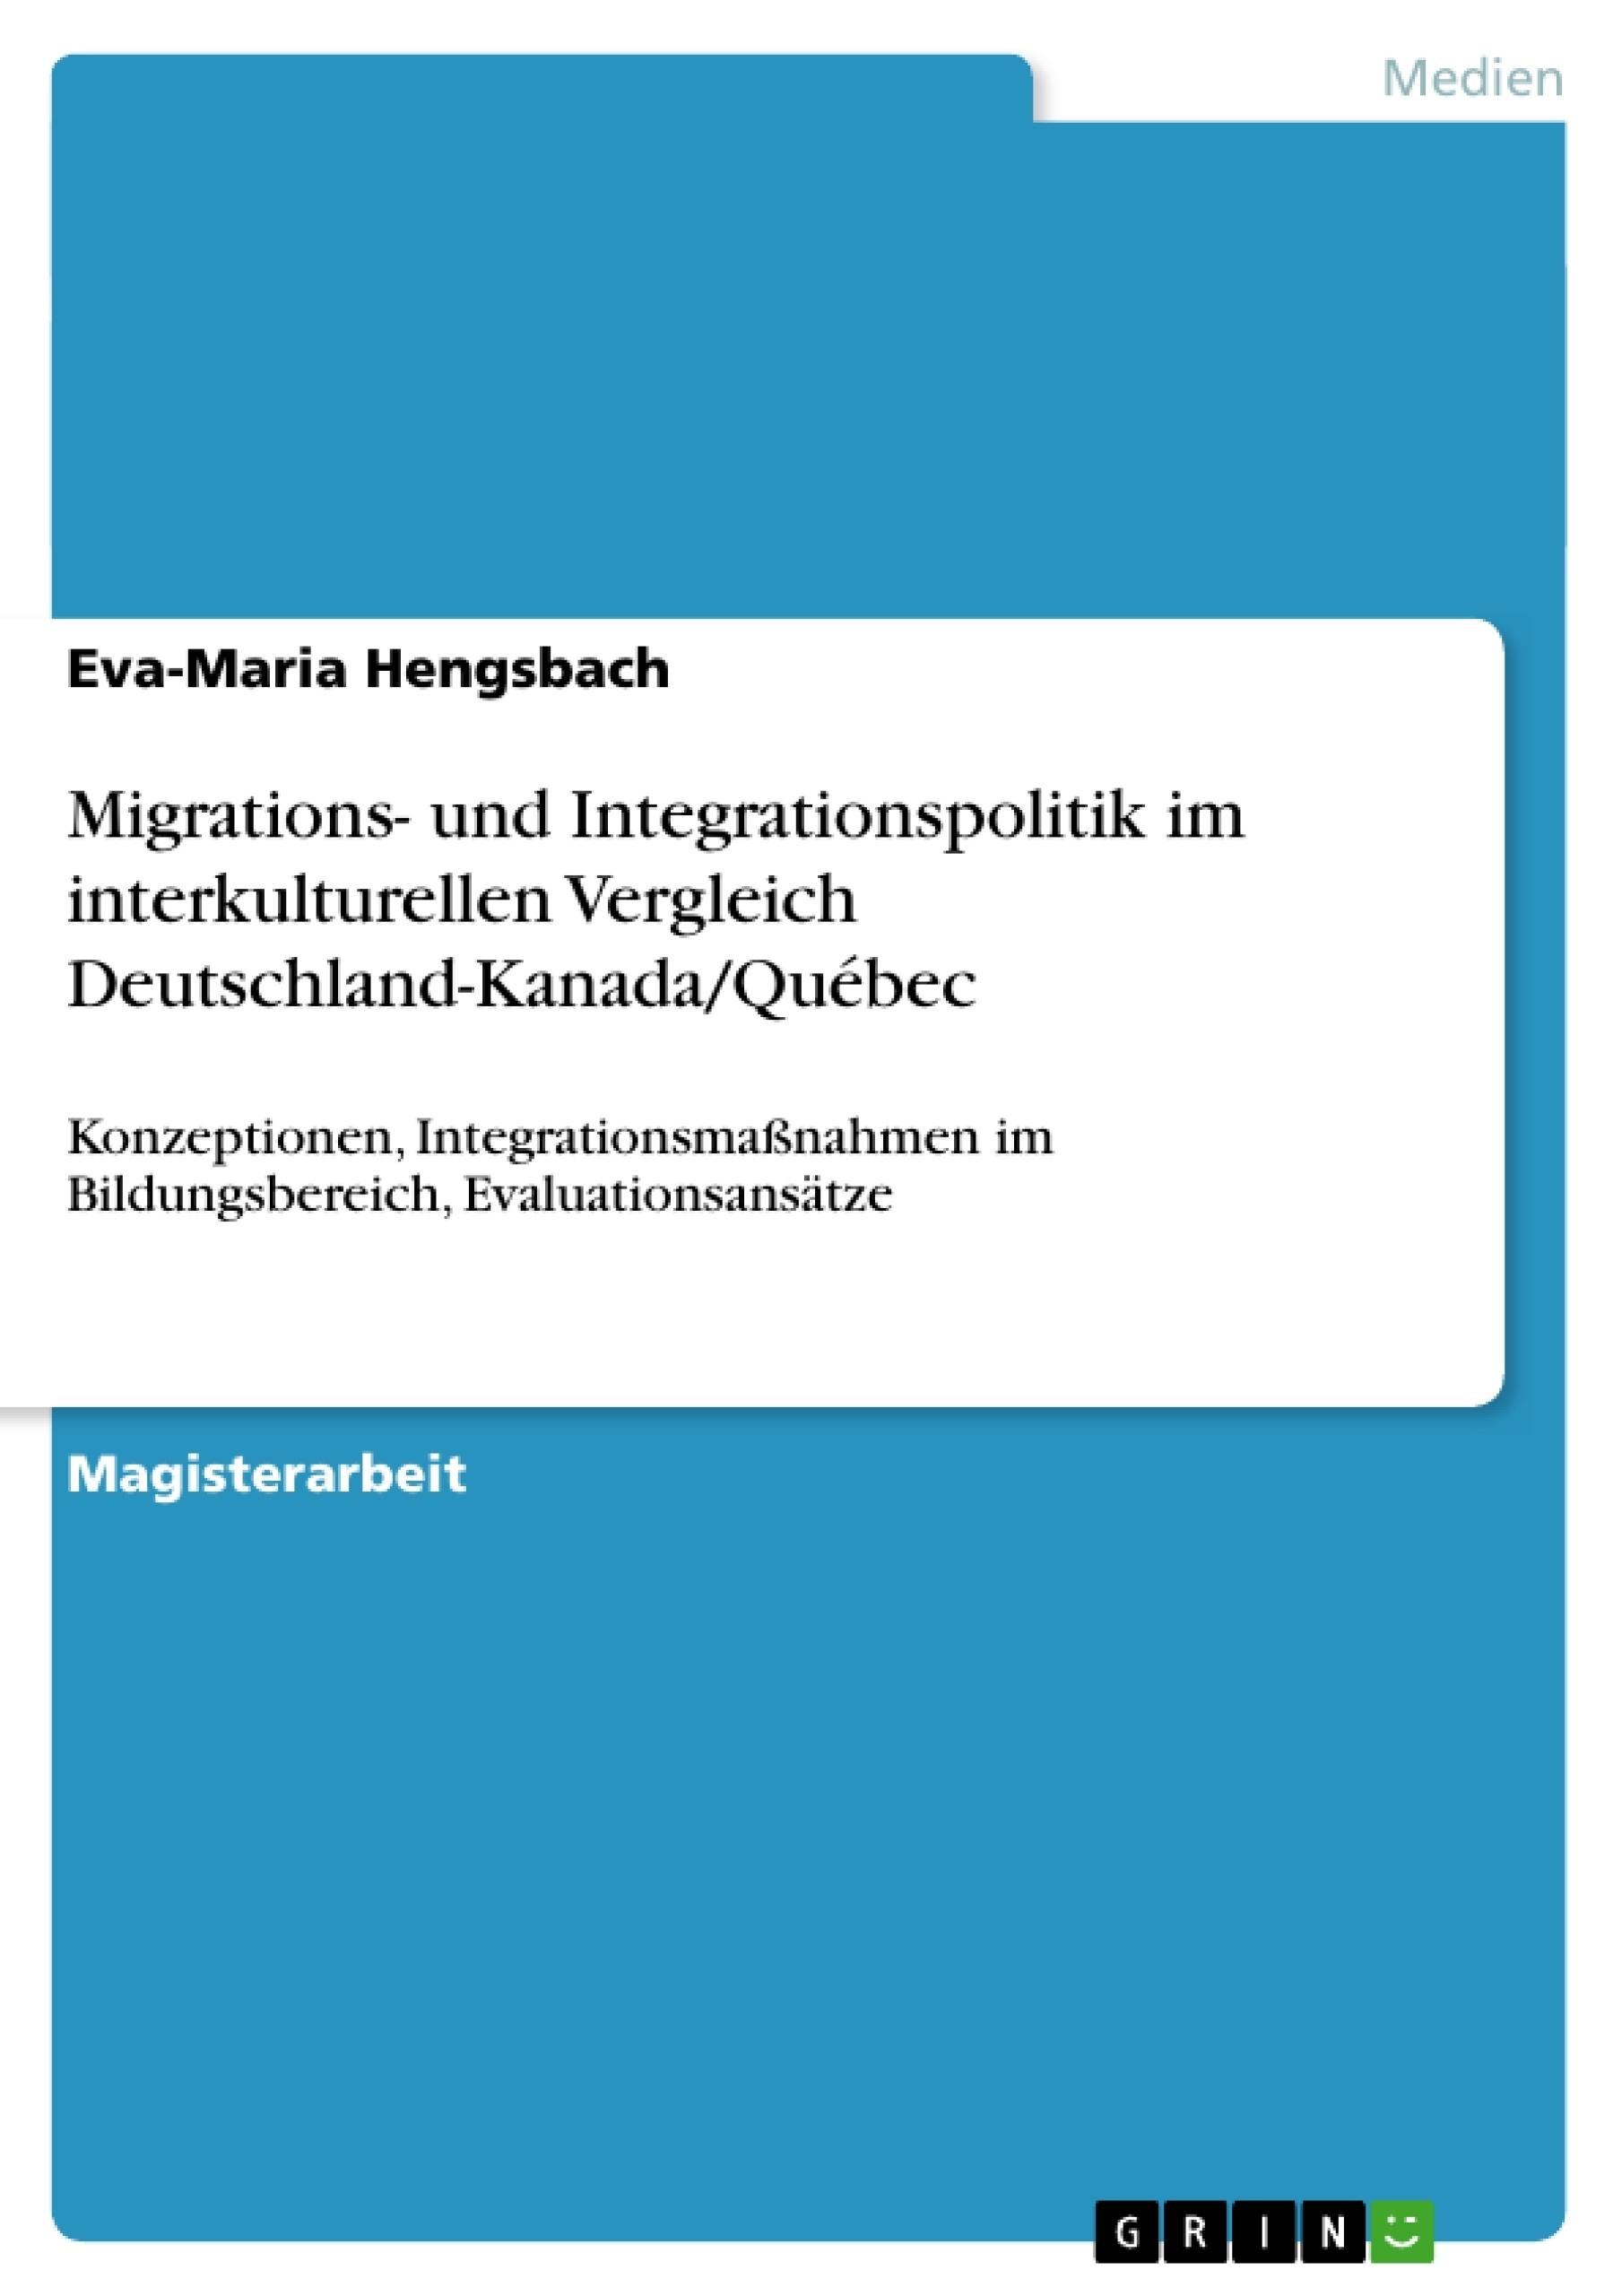 Titel: Migrations- und Integrationspolitik im interkulturellen Vergleich Deutschland-Kanada/Québec